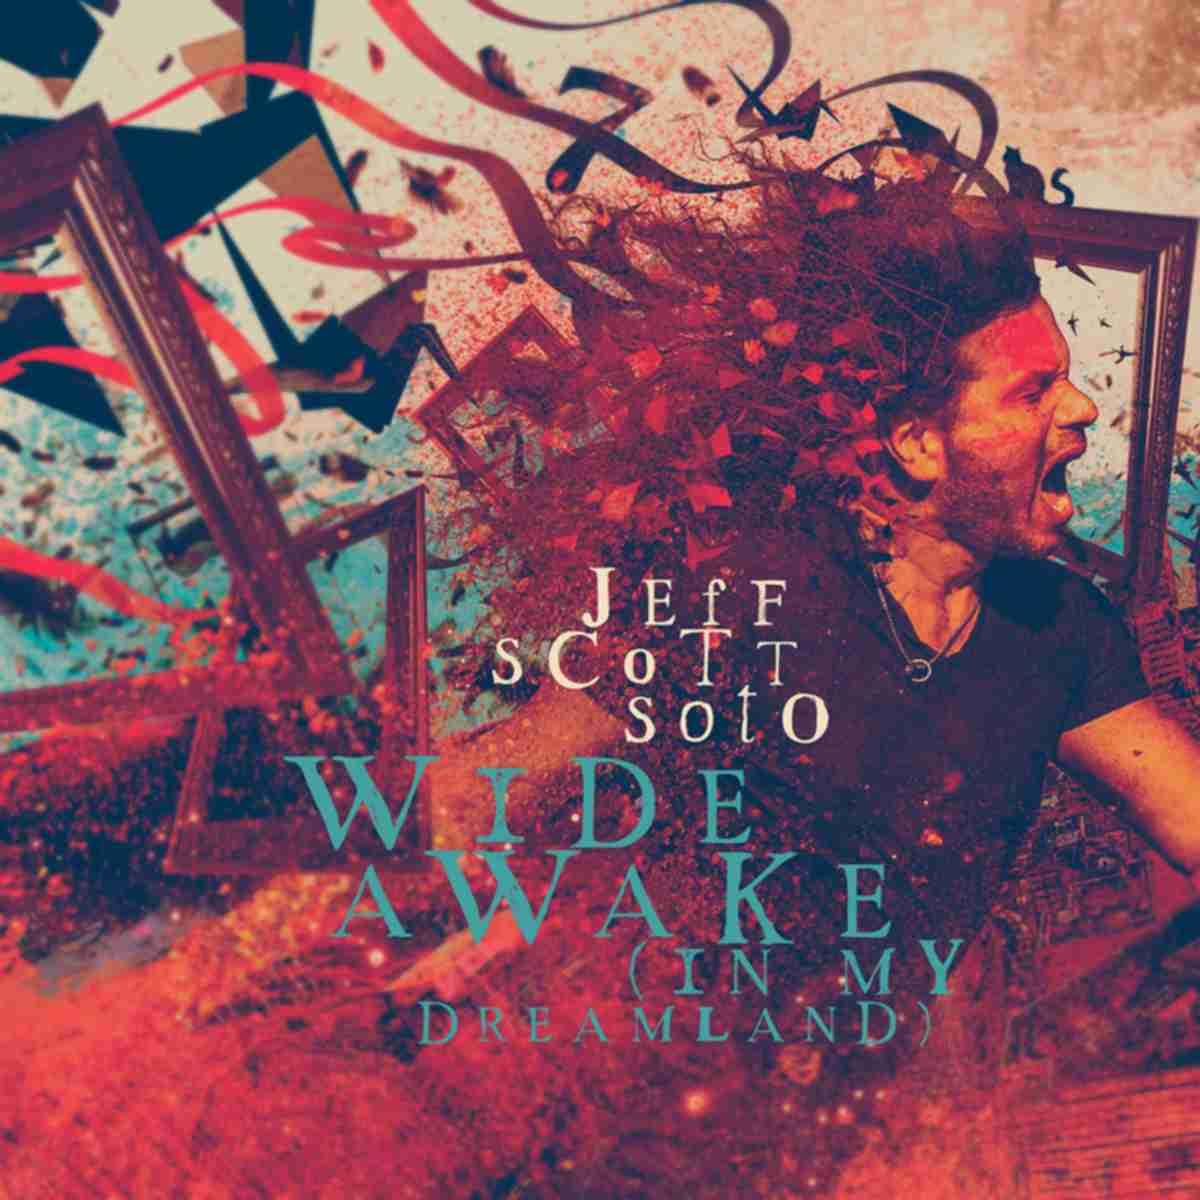 JEFF SCOTT SOTO - Wide Awake In My Dreamland - album cover